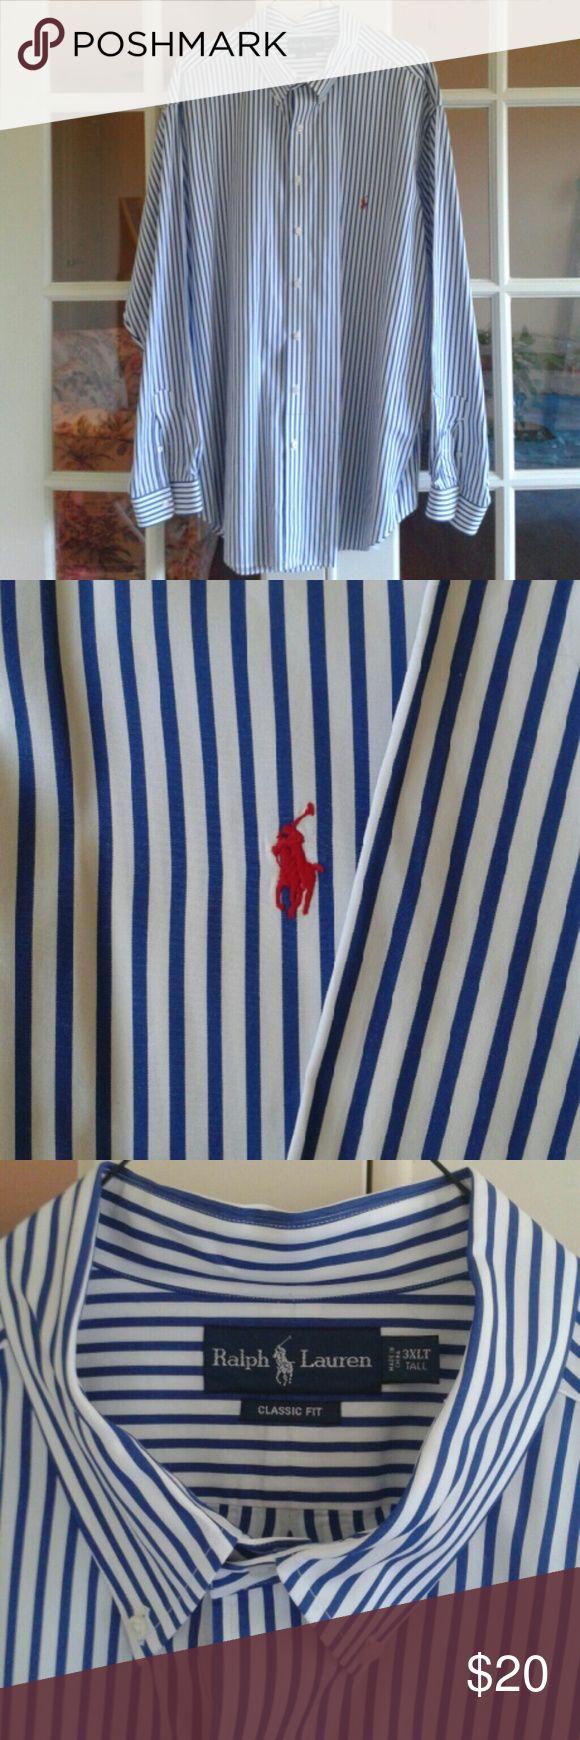 Ralph Lauren long sleeve dress shirt Long sleeve 3XLT classic fit dress shirt Ralph Lauren Shirts Dress Shirts